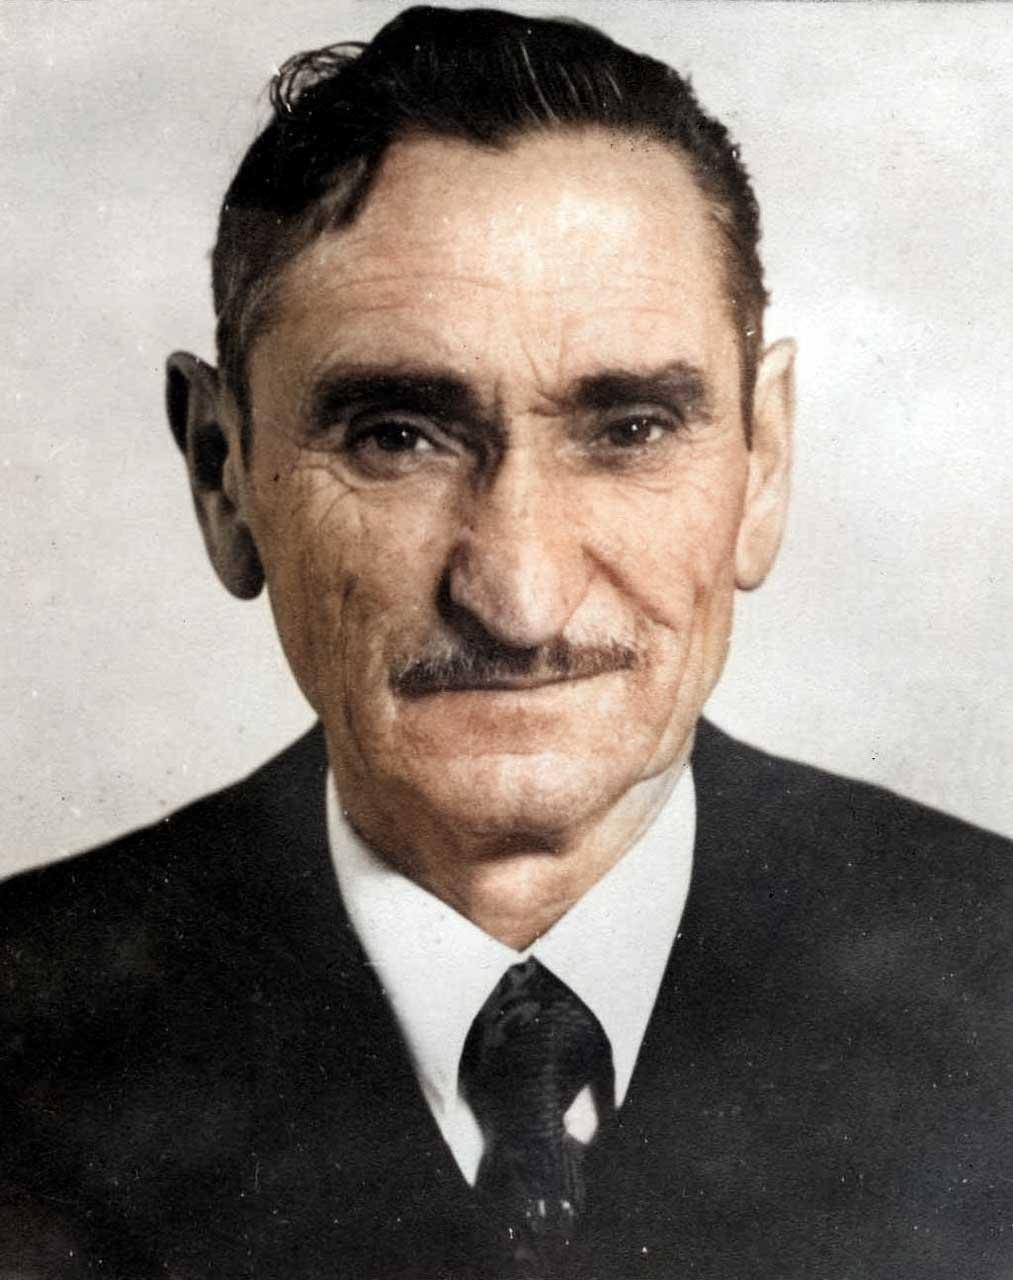 Башков К.К. 1970-е годы